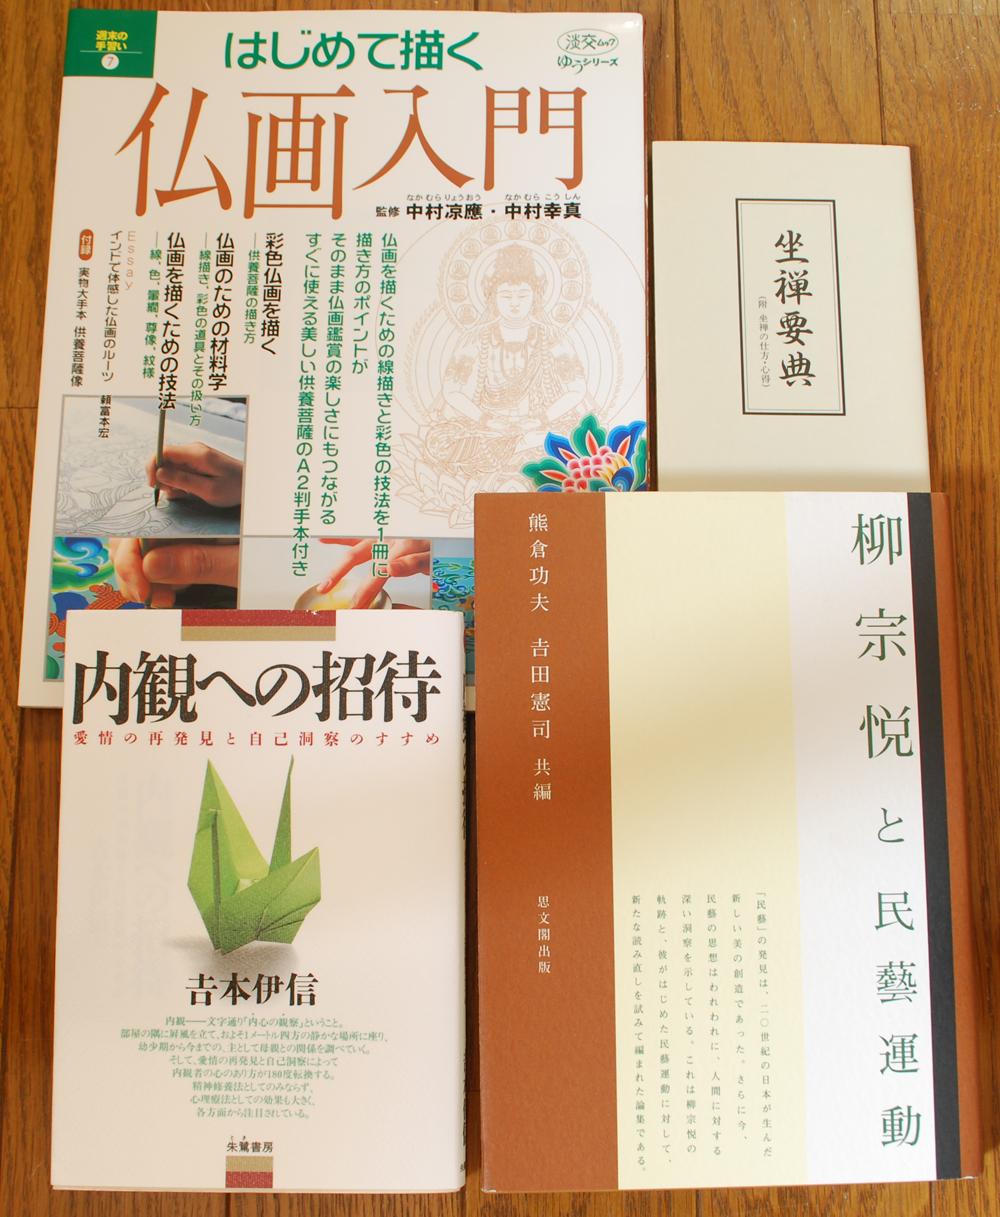 柳宗悦と民芸運動、坐禅要典、はじめて描く仏画入門、内観への招待を買取!